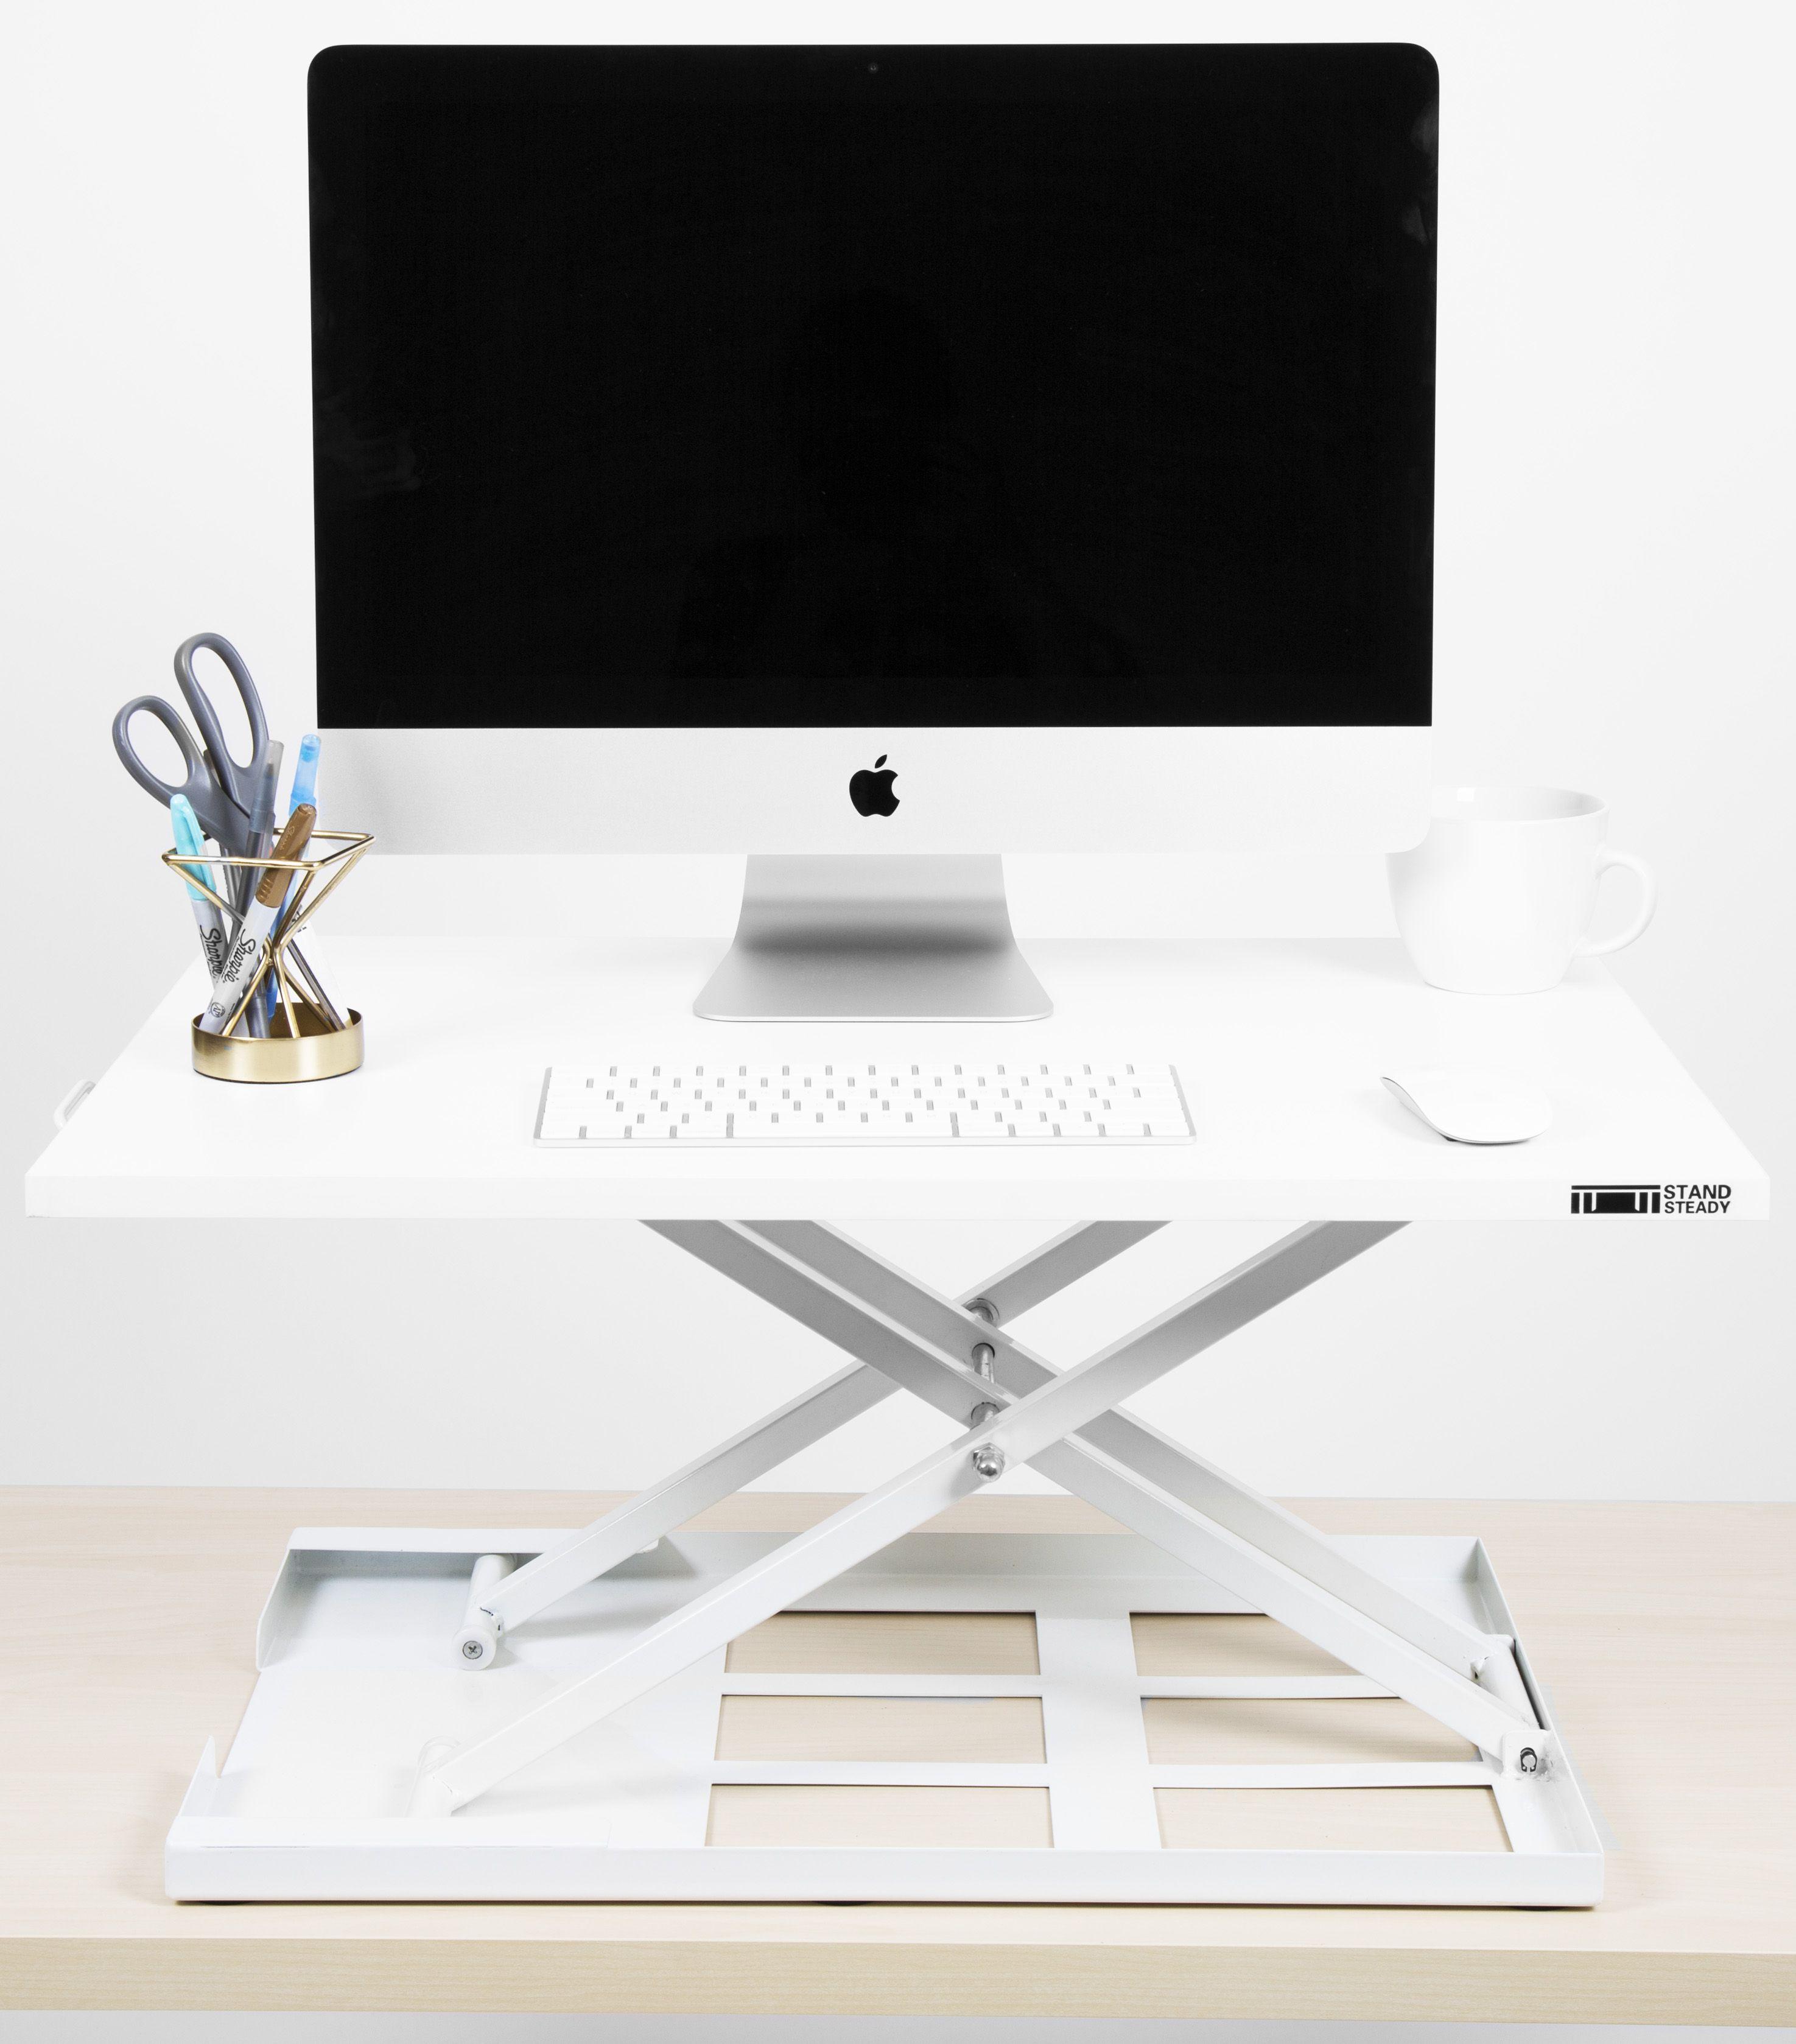 X Elite Pro Standing Desk Converter Desk Adjustable Standing Desk Converter Cubicle Design